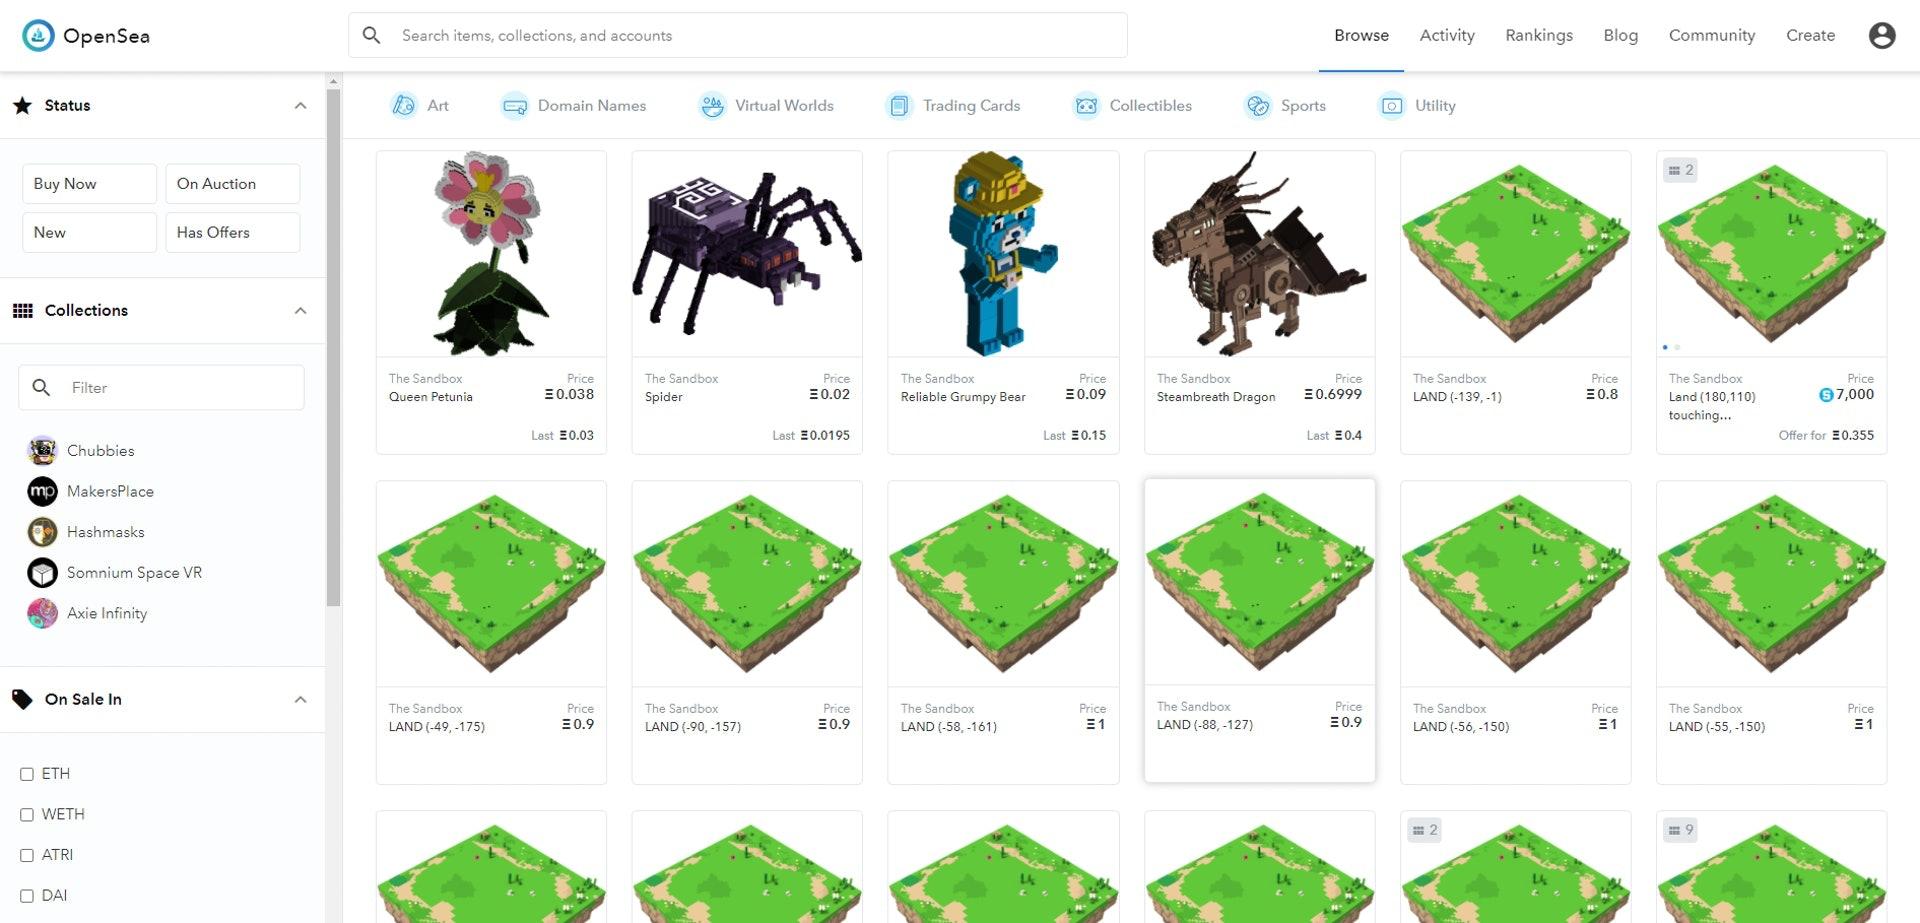 除了在《The Sandbox》遊戲裏交易,NFT交易所OpenSea亦有代理《The Sandbox》中由玩家所創造的角色、土地的交易,以以太幣或SAND計價,方便快捷。(opensea.io)